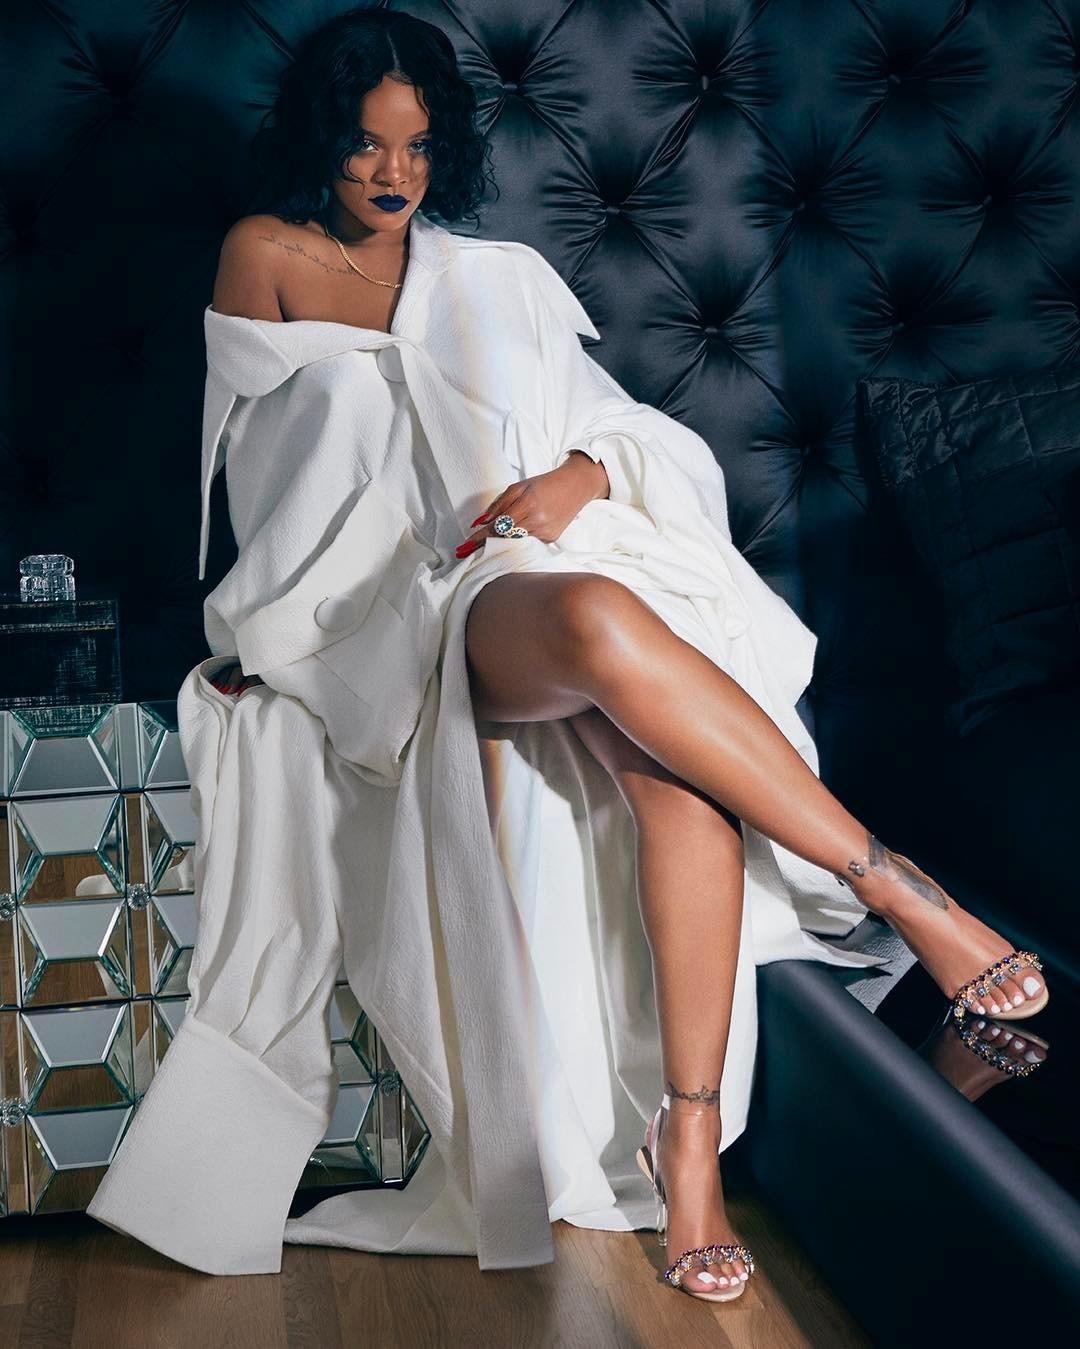 Başarılı yabancı şarkıcı Rihanna sexy kıyafetleri ile kamera karşısına geçip çok cesur pozlar verdi. Foto galeriyi görüntülemek için buraya tıklayın.